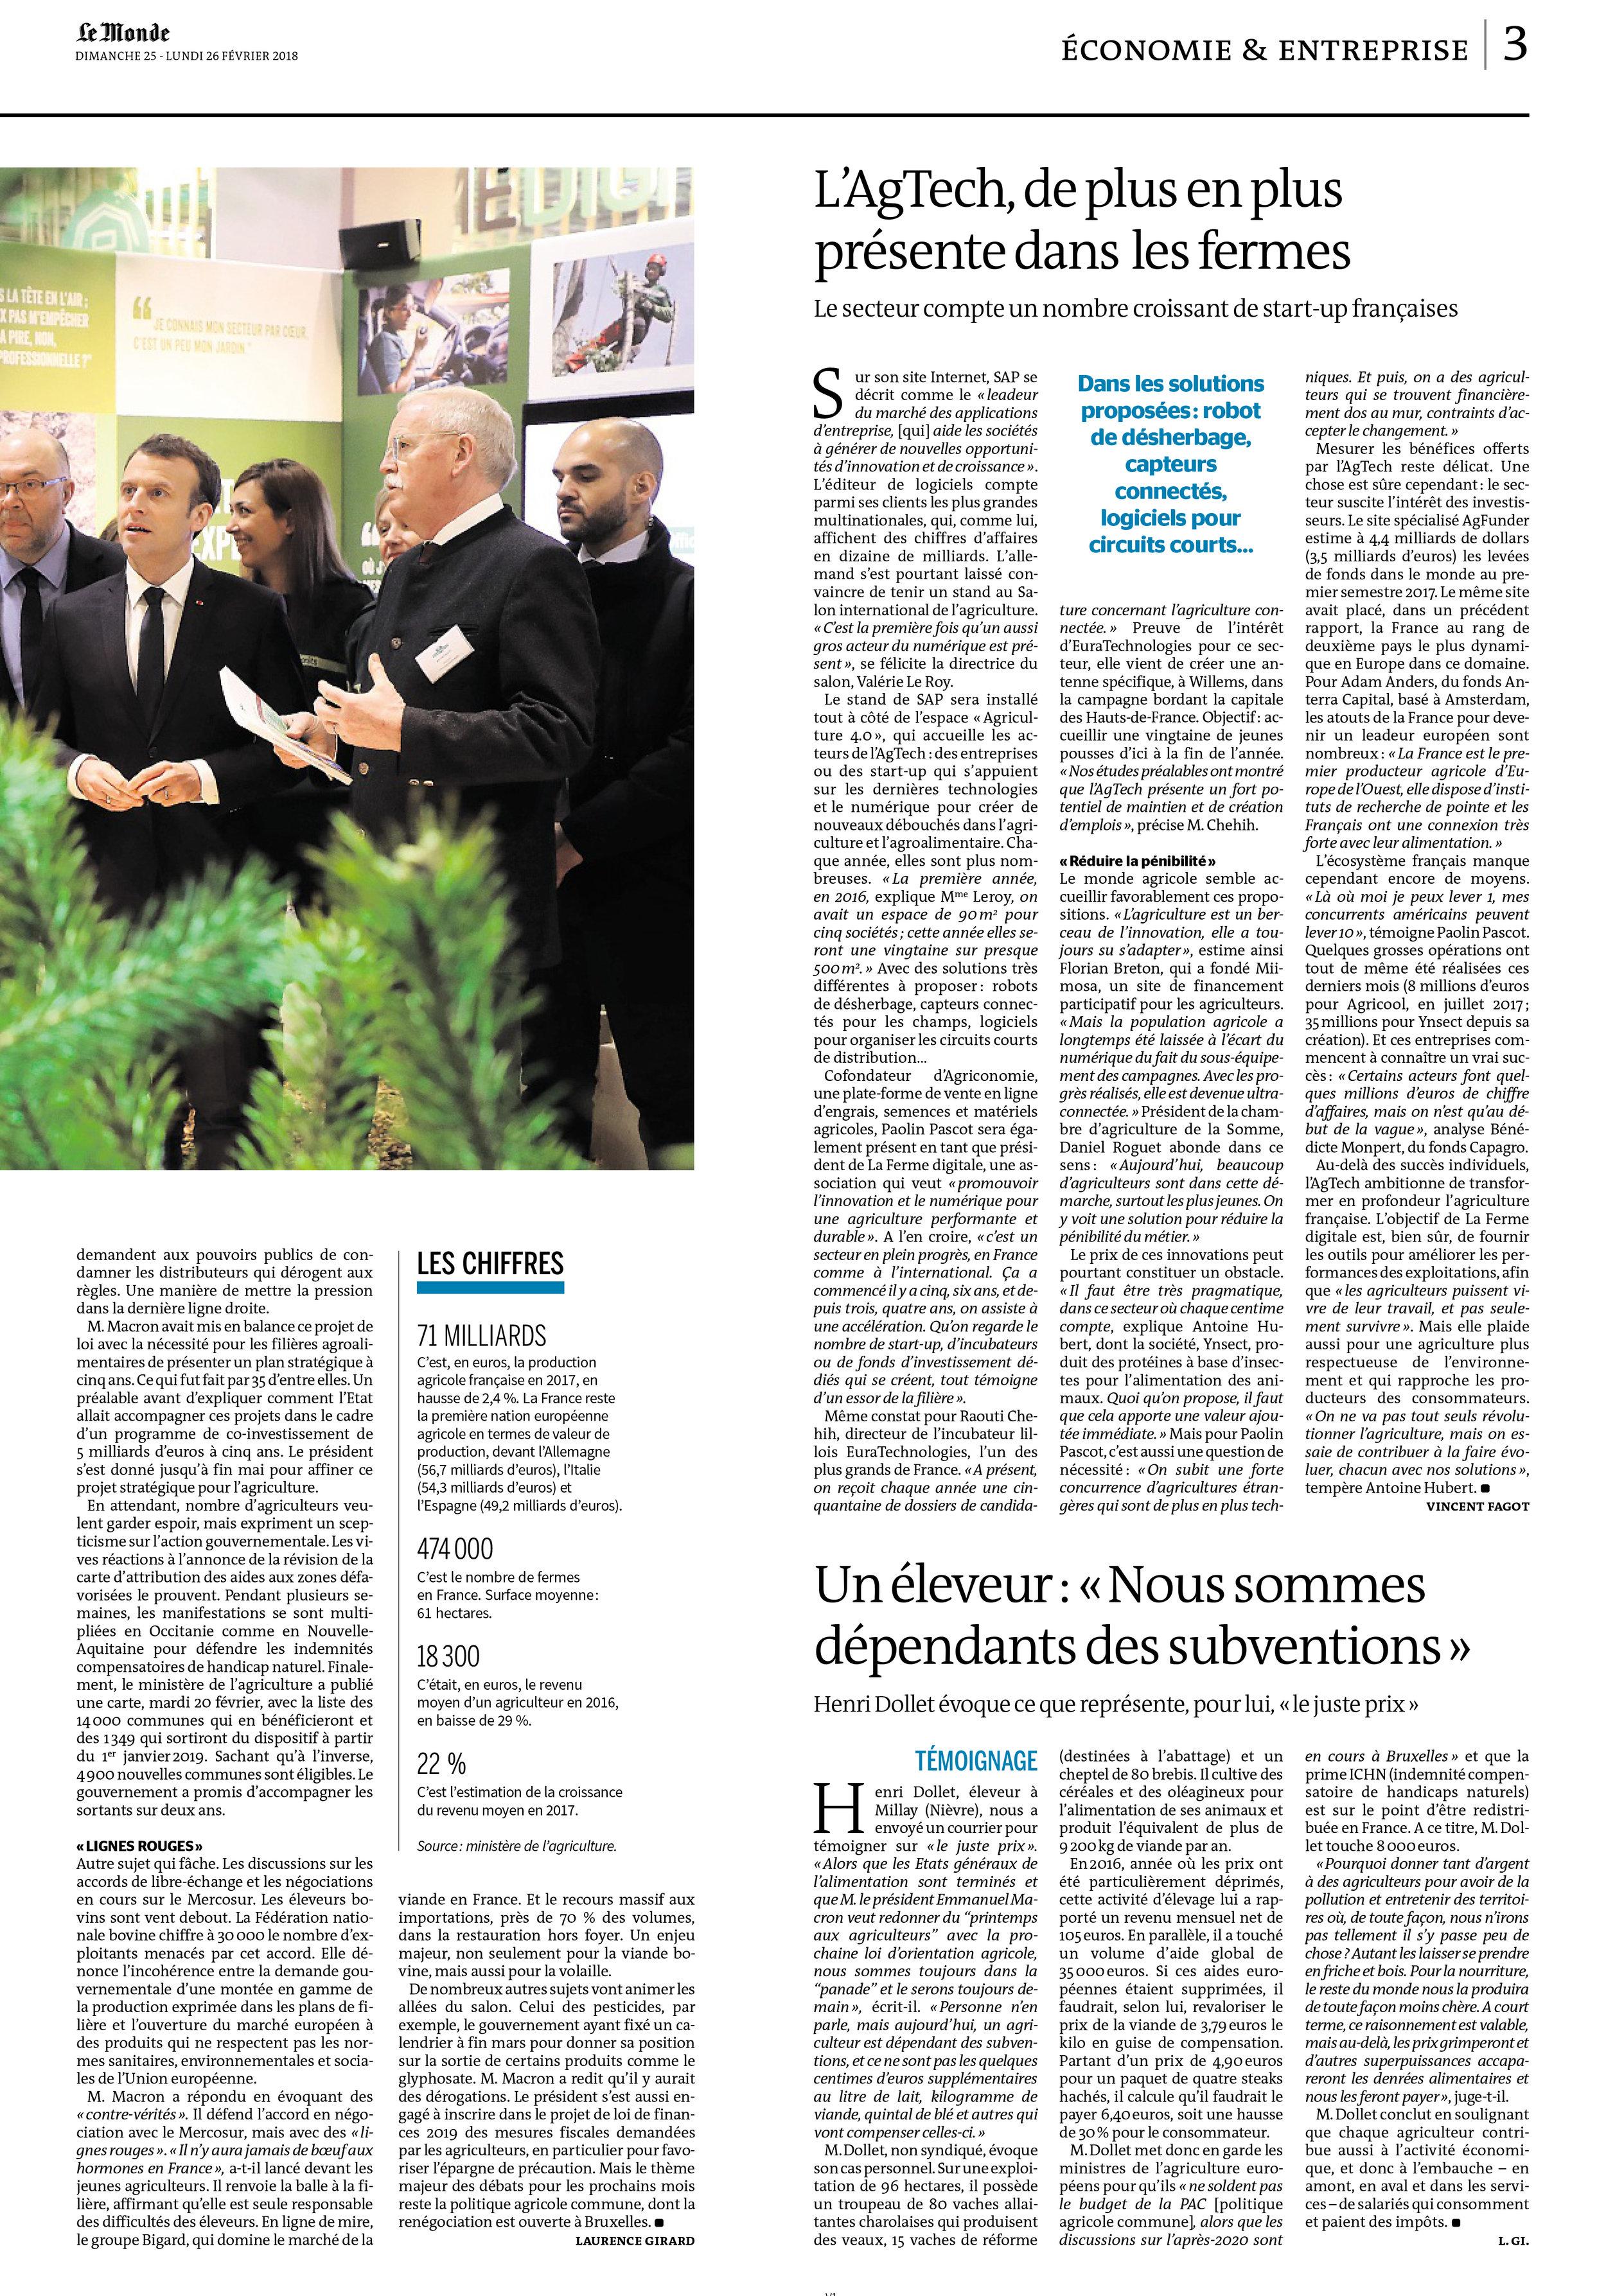 L'AgTech,deplusenplus Le Monde.jpg